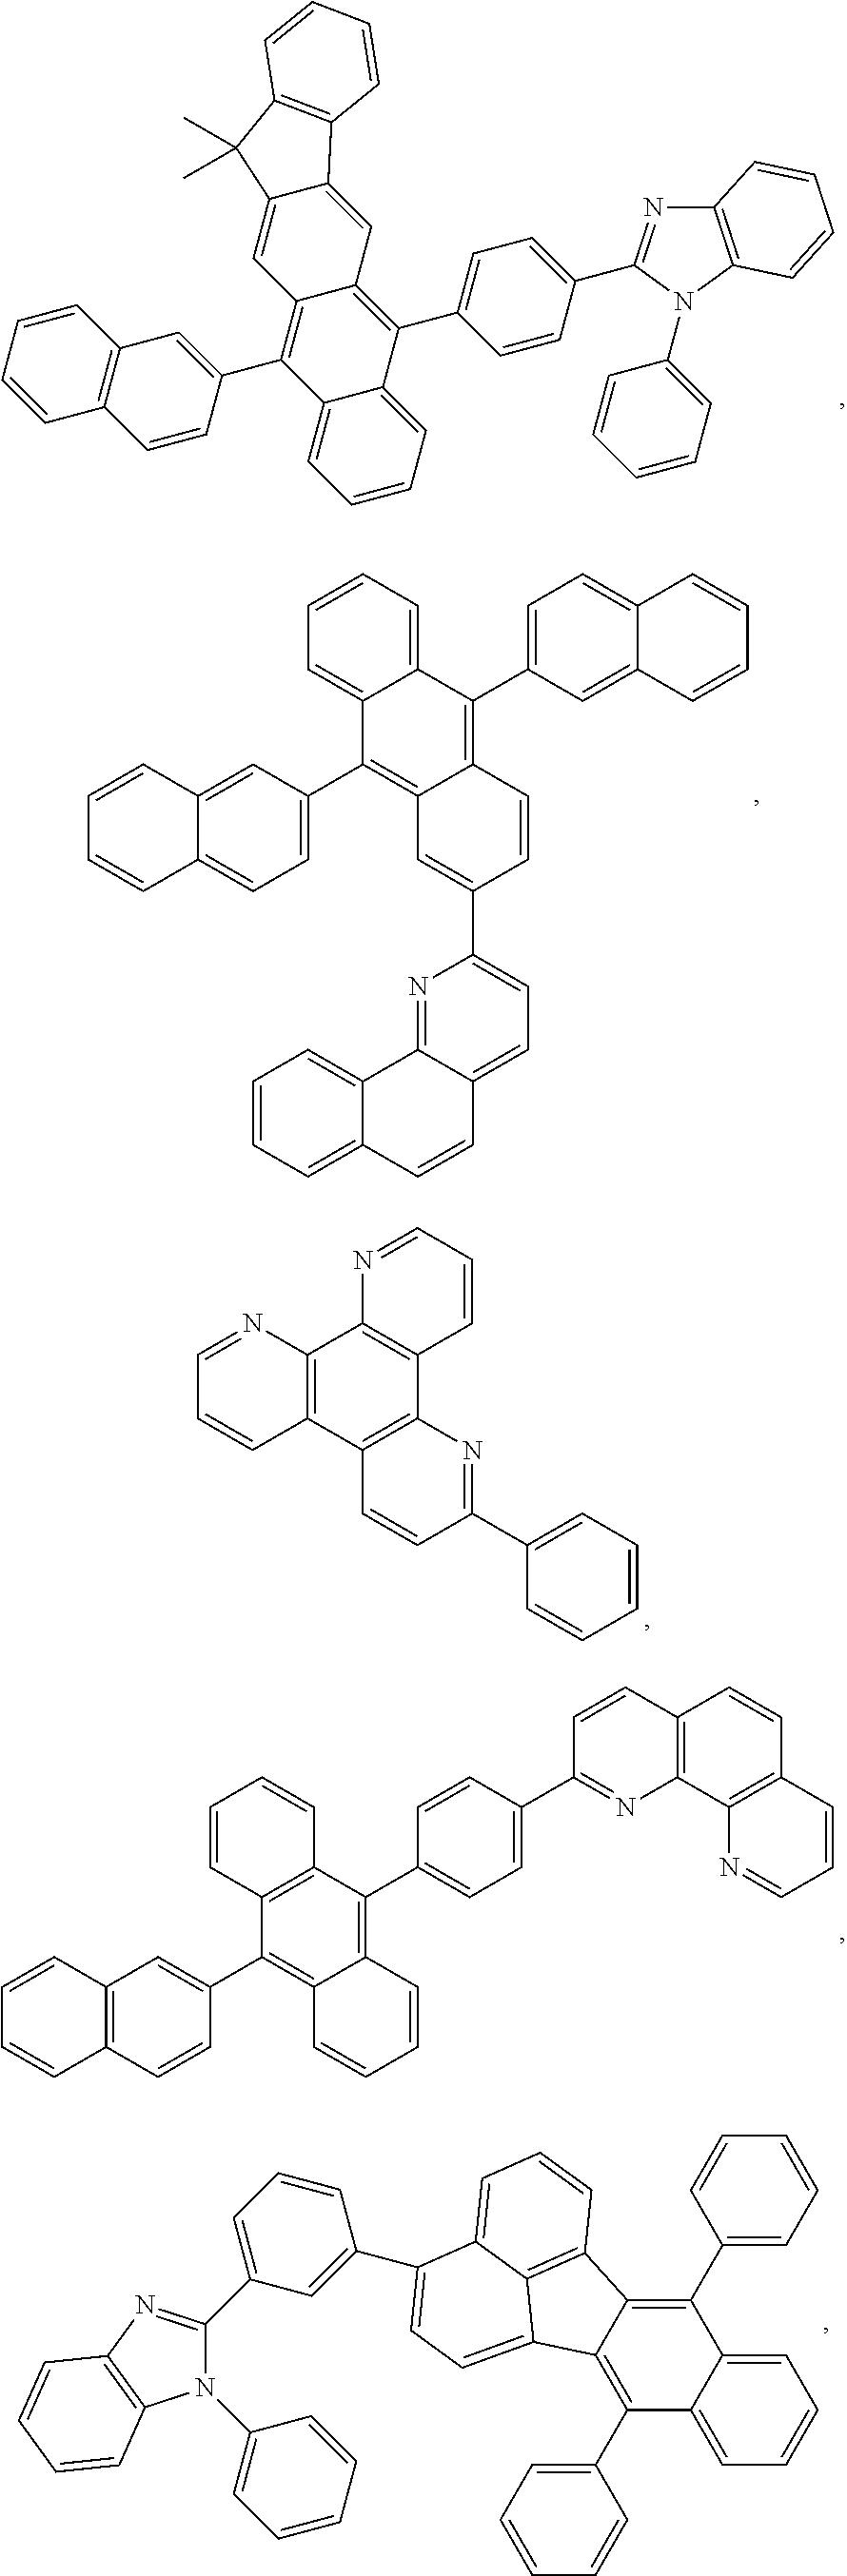 Figure US20180130962A1-20180510-C00204